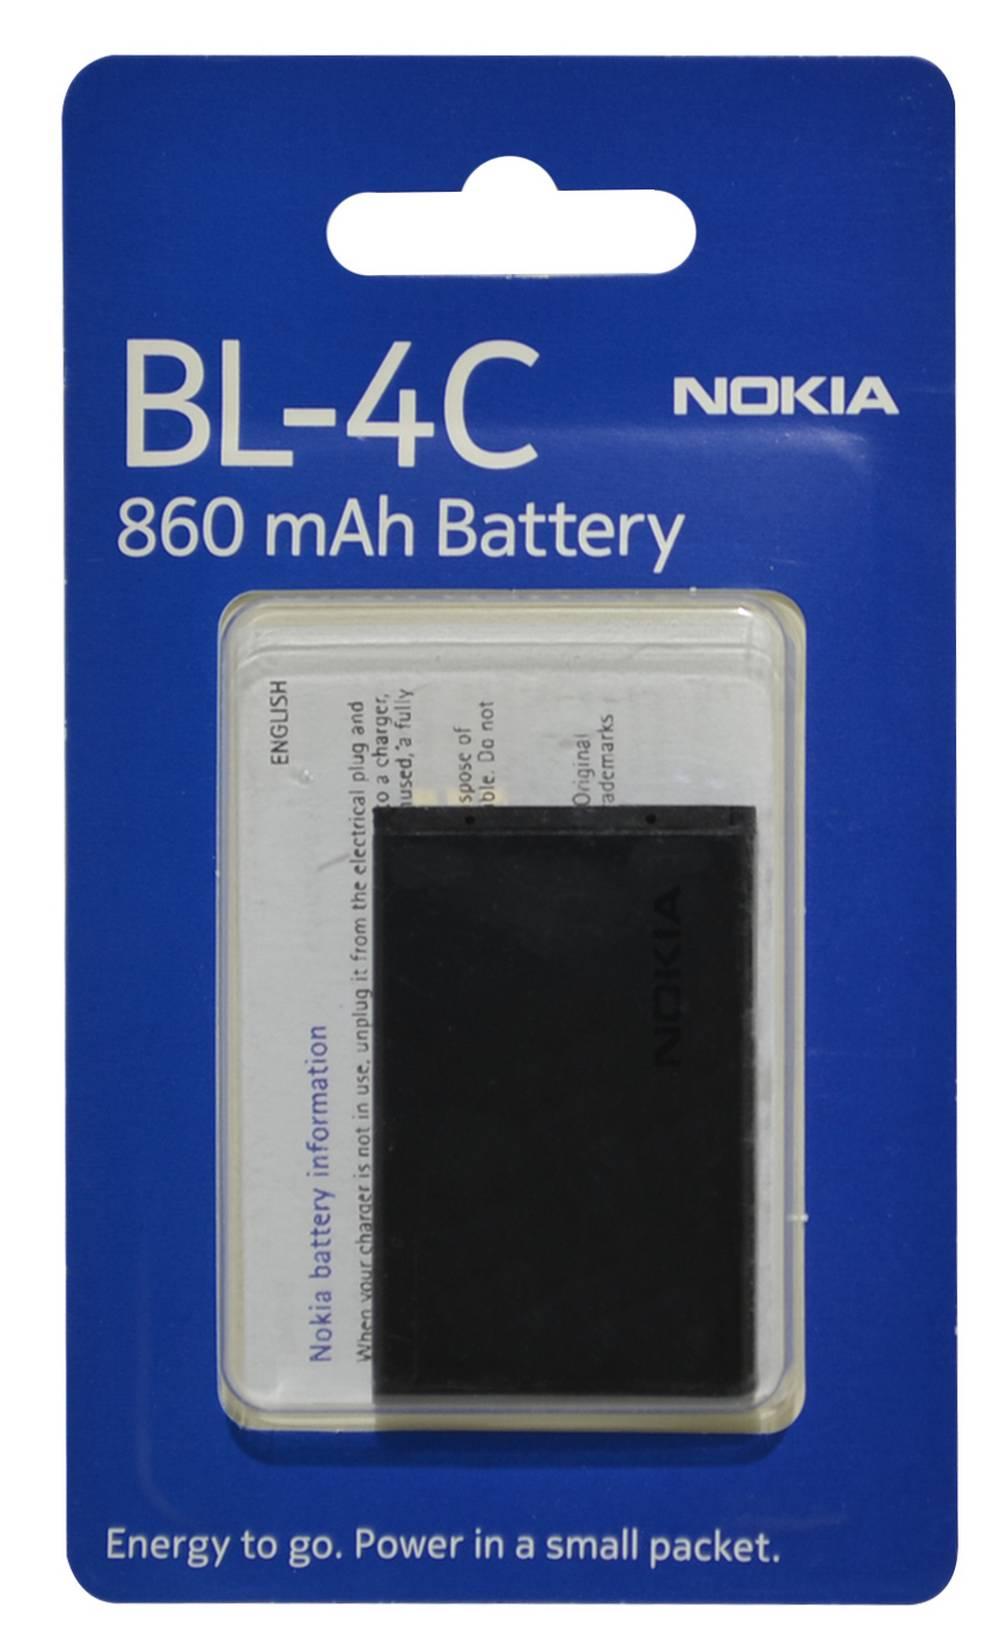 Μπαταρία Nokia BL-4C 860 mAh για 6300